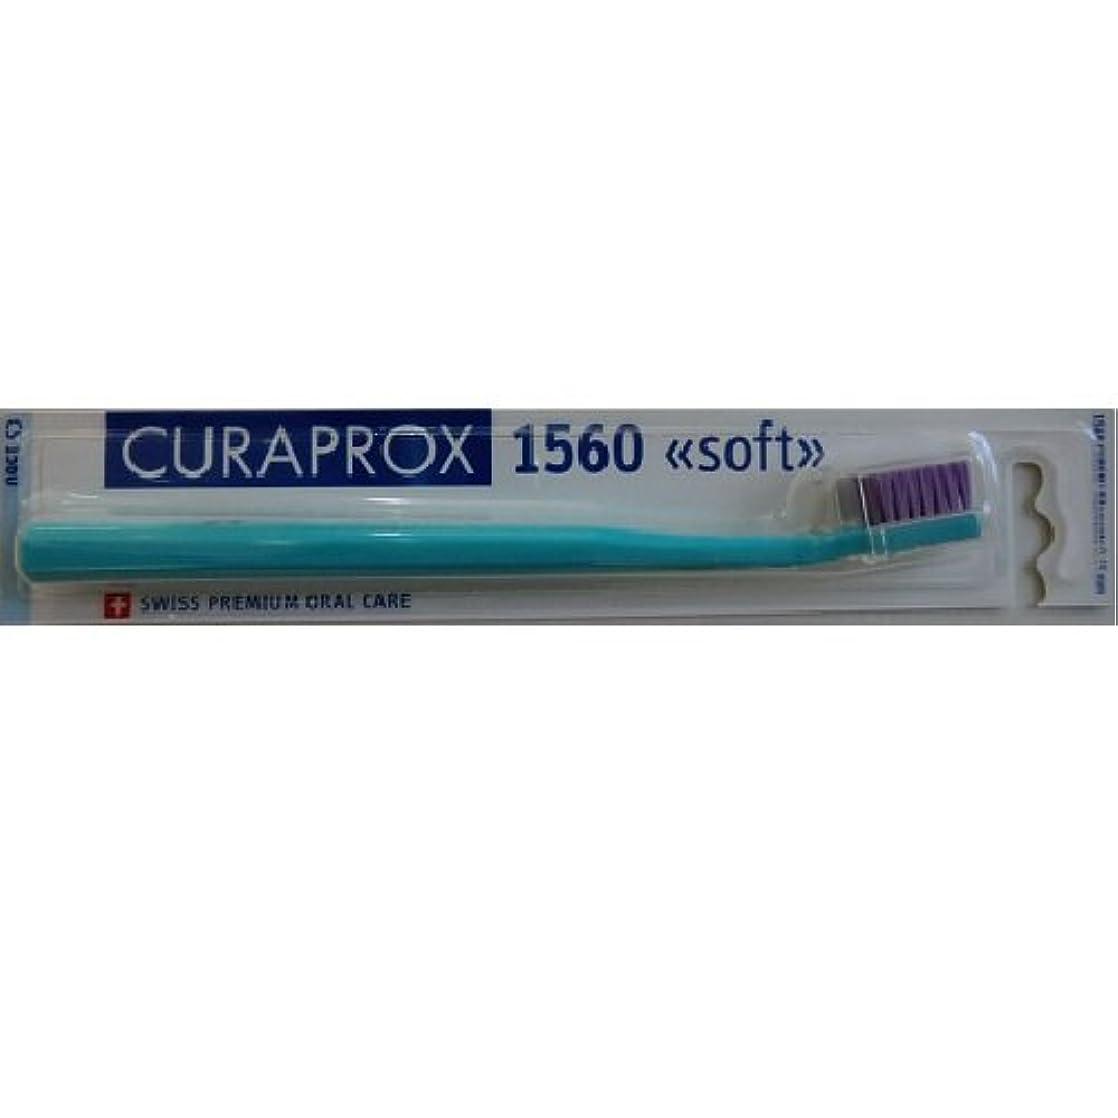 毛皮マイルド本気キュラプロックス1560?ソフト歯ブラシ